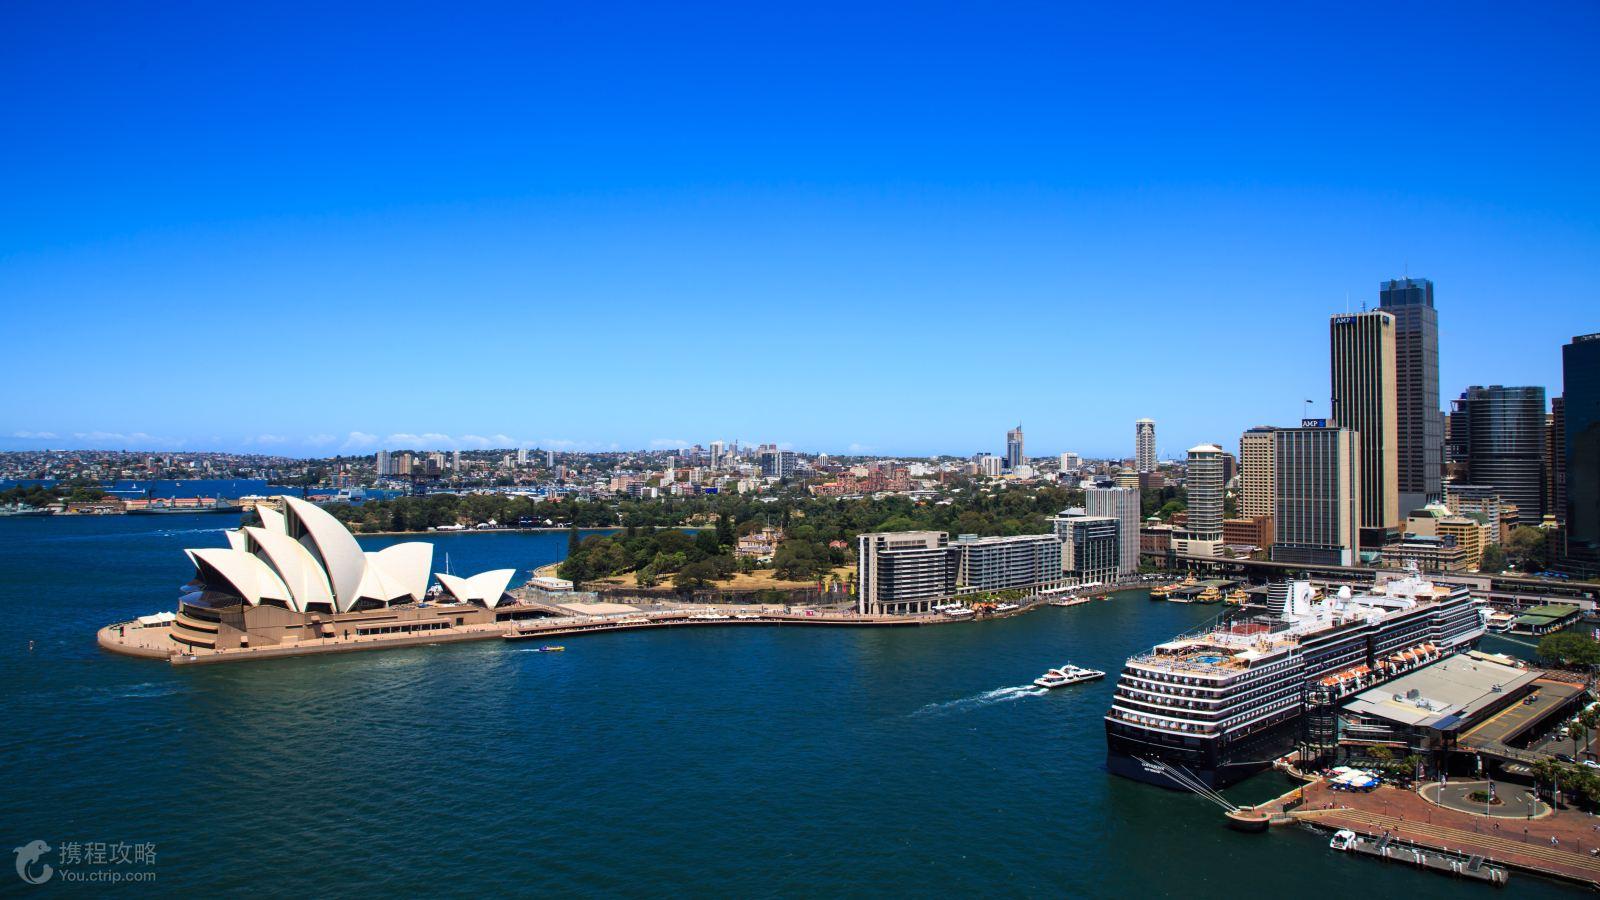 澳大利亚悉尼 凯恩斯 黄金海岸 墨尔本10日7晚跟团游